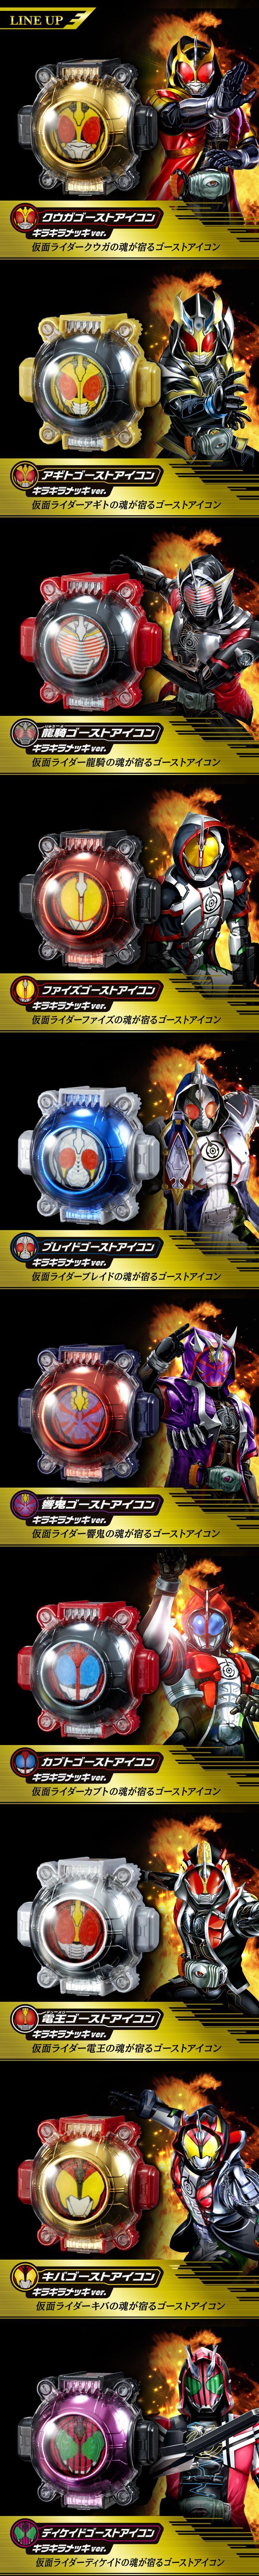 レジェンドライダーゴーストアイコンセット キラキラメッキver http p bandai jp item item 1000104322